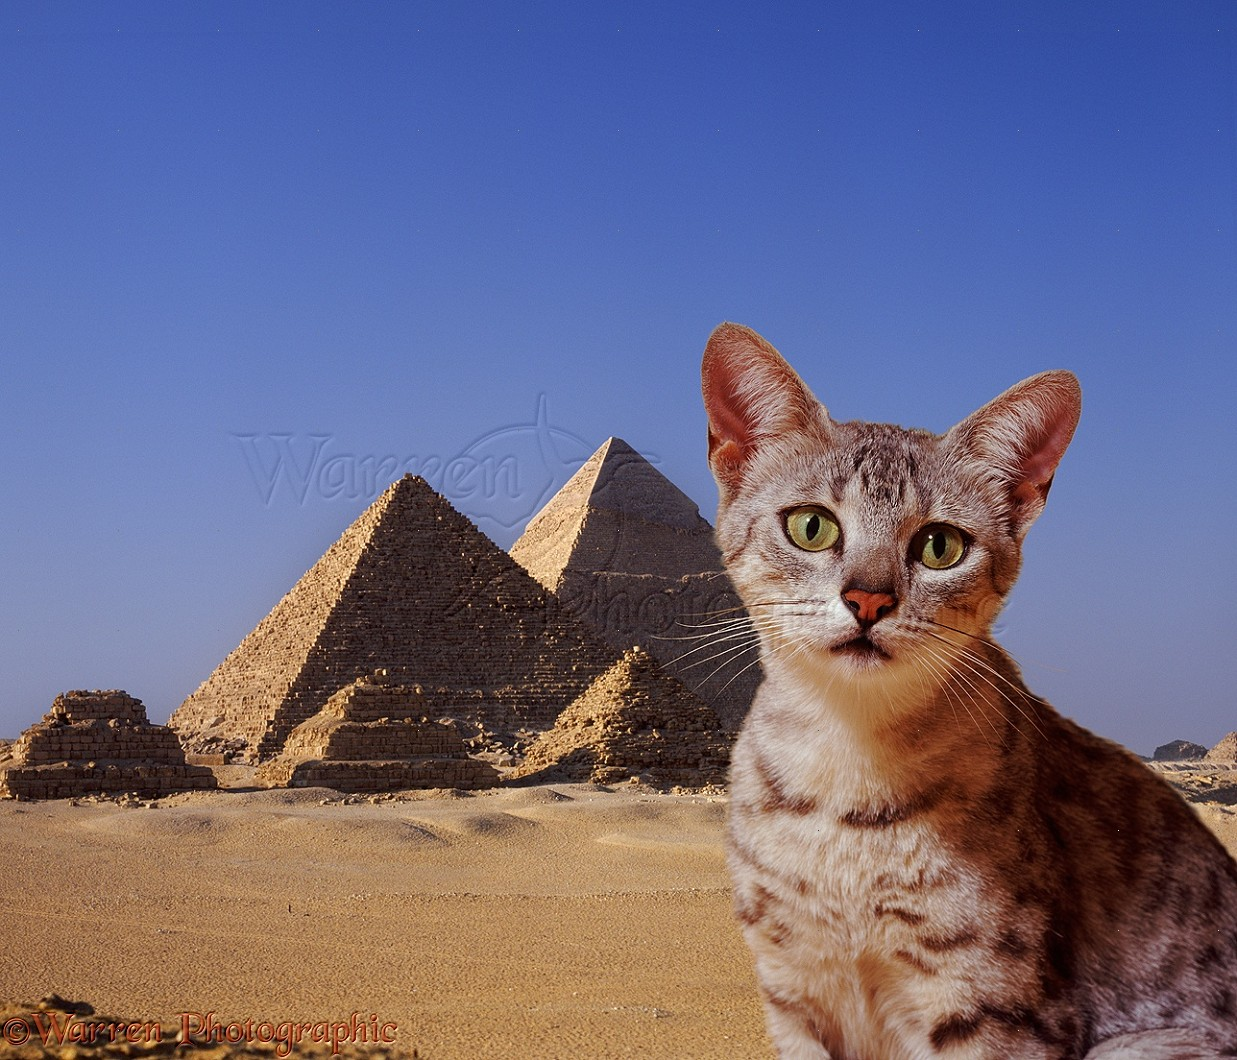 يقدر يوفرلي الماو الفرعوني حبشي 05327-Egyptian-Mau-c